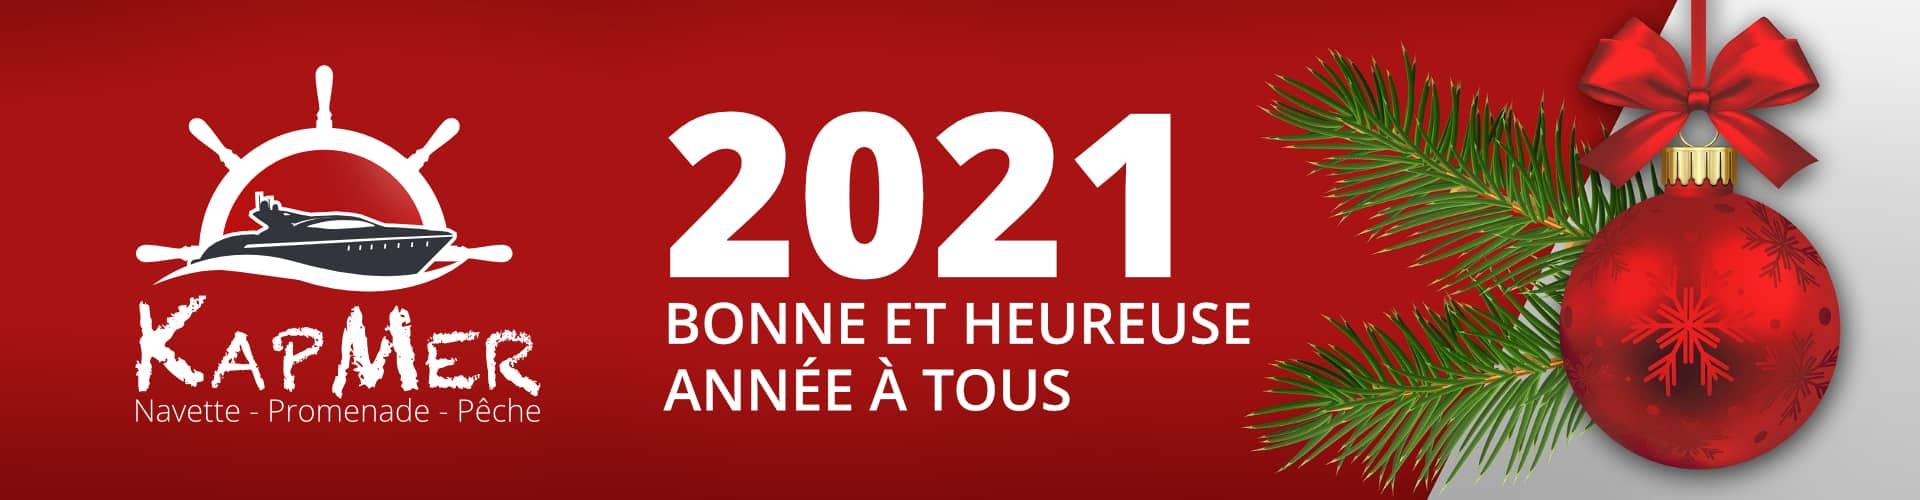 KapMer vous souhaite une bonne année 2021